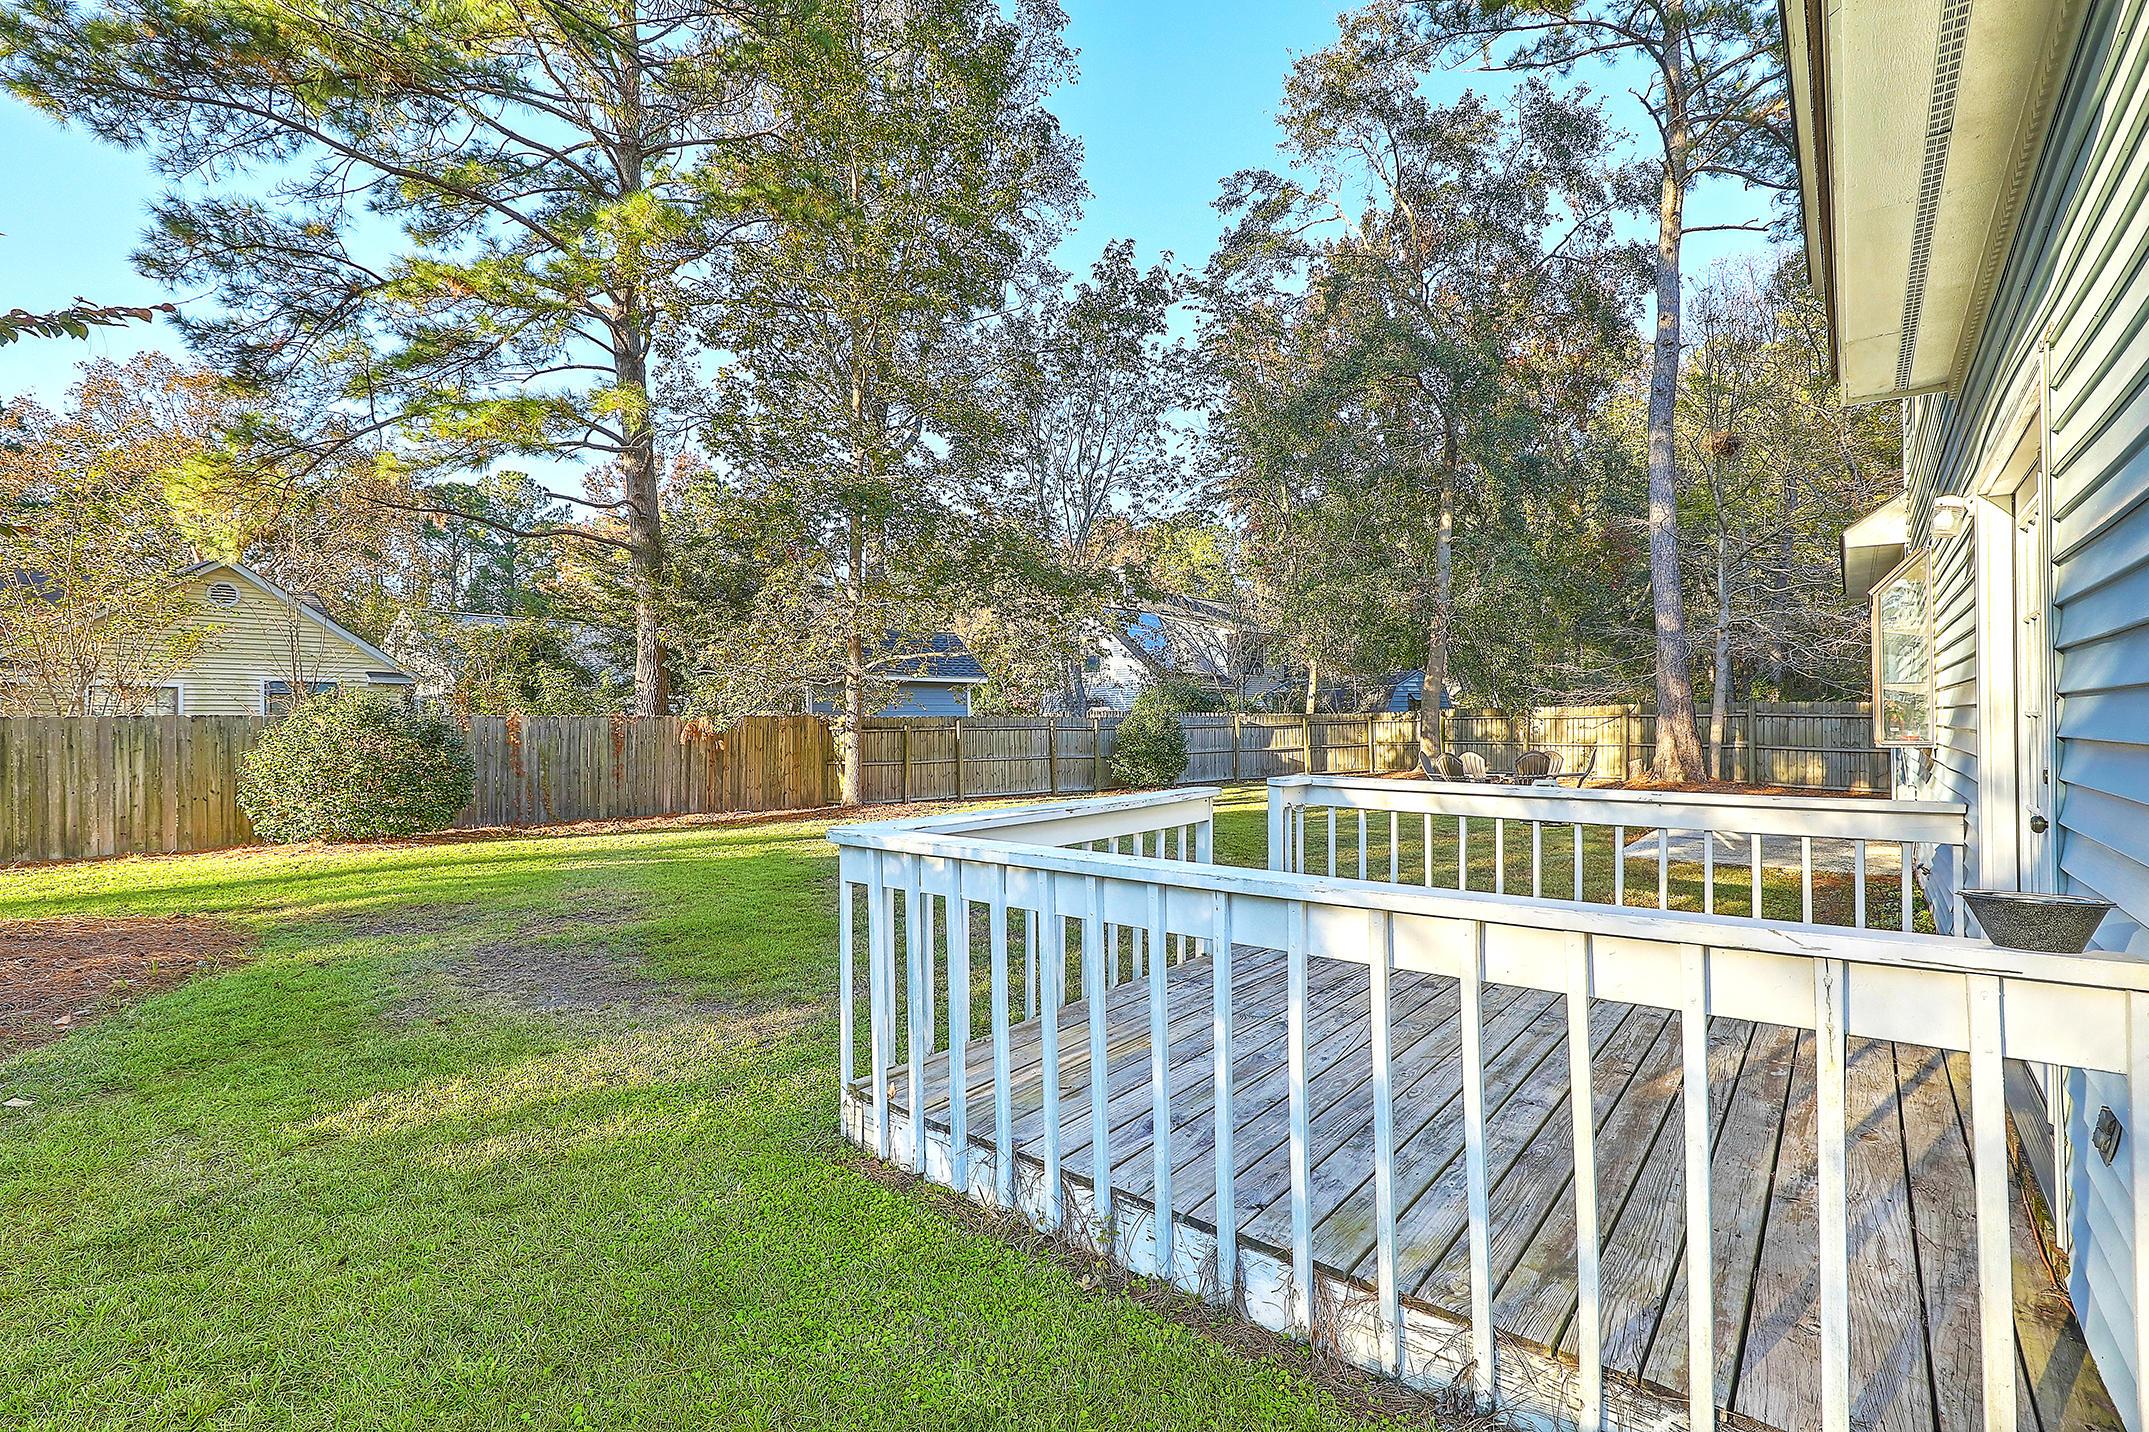 121 Chownings Lane Goose Creek, SC 29445